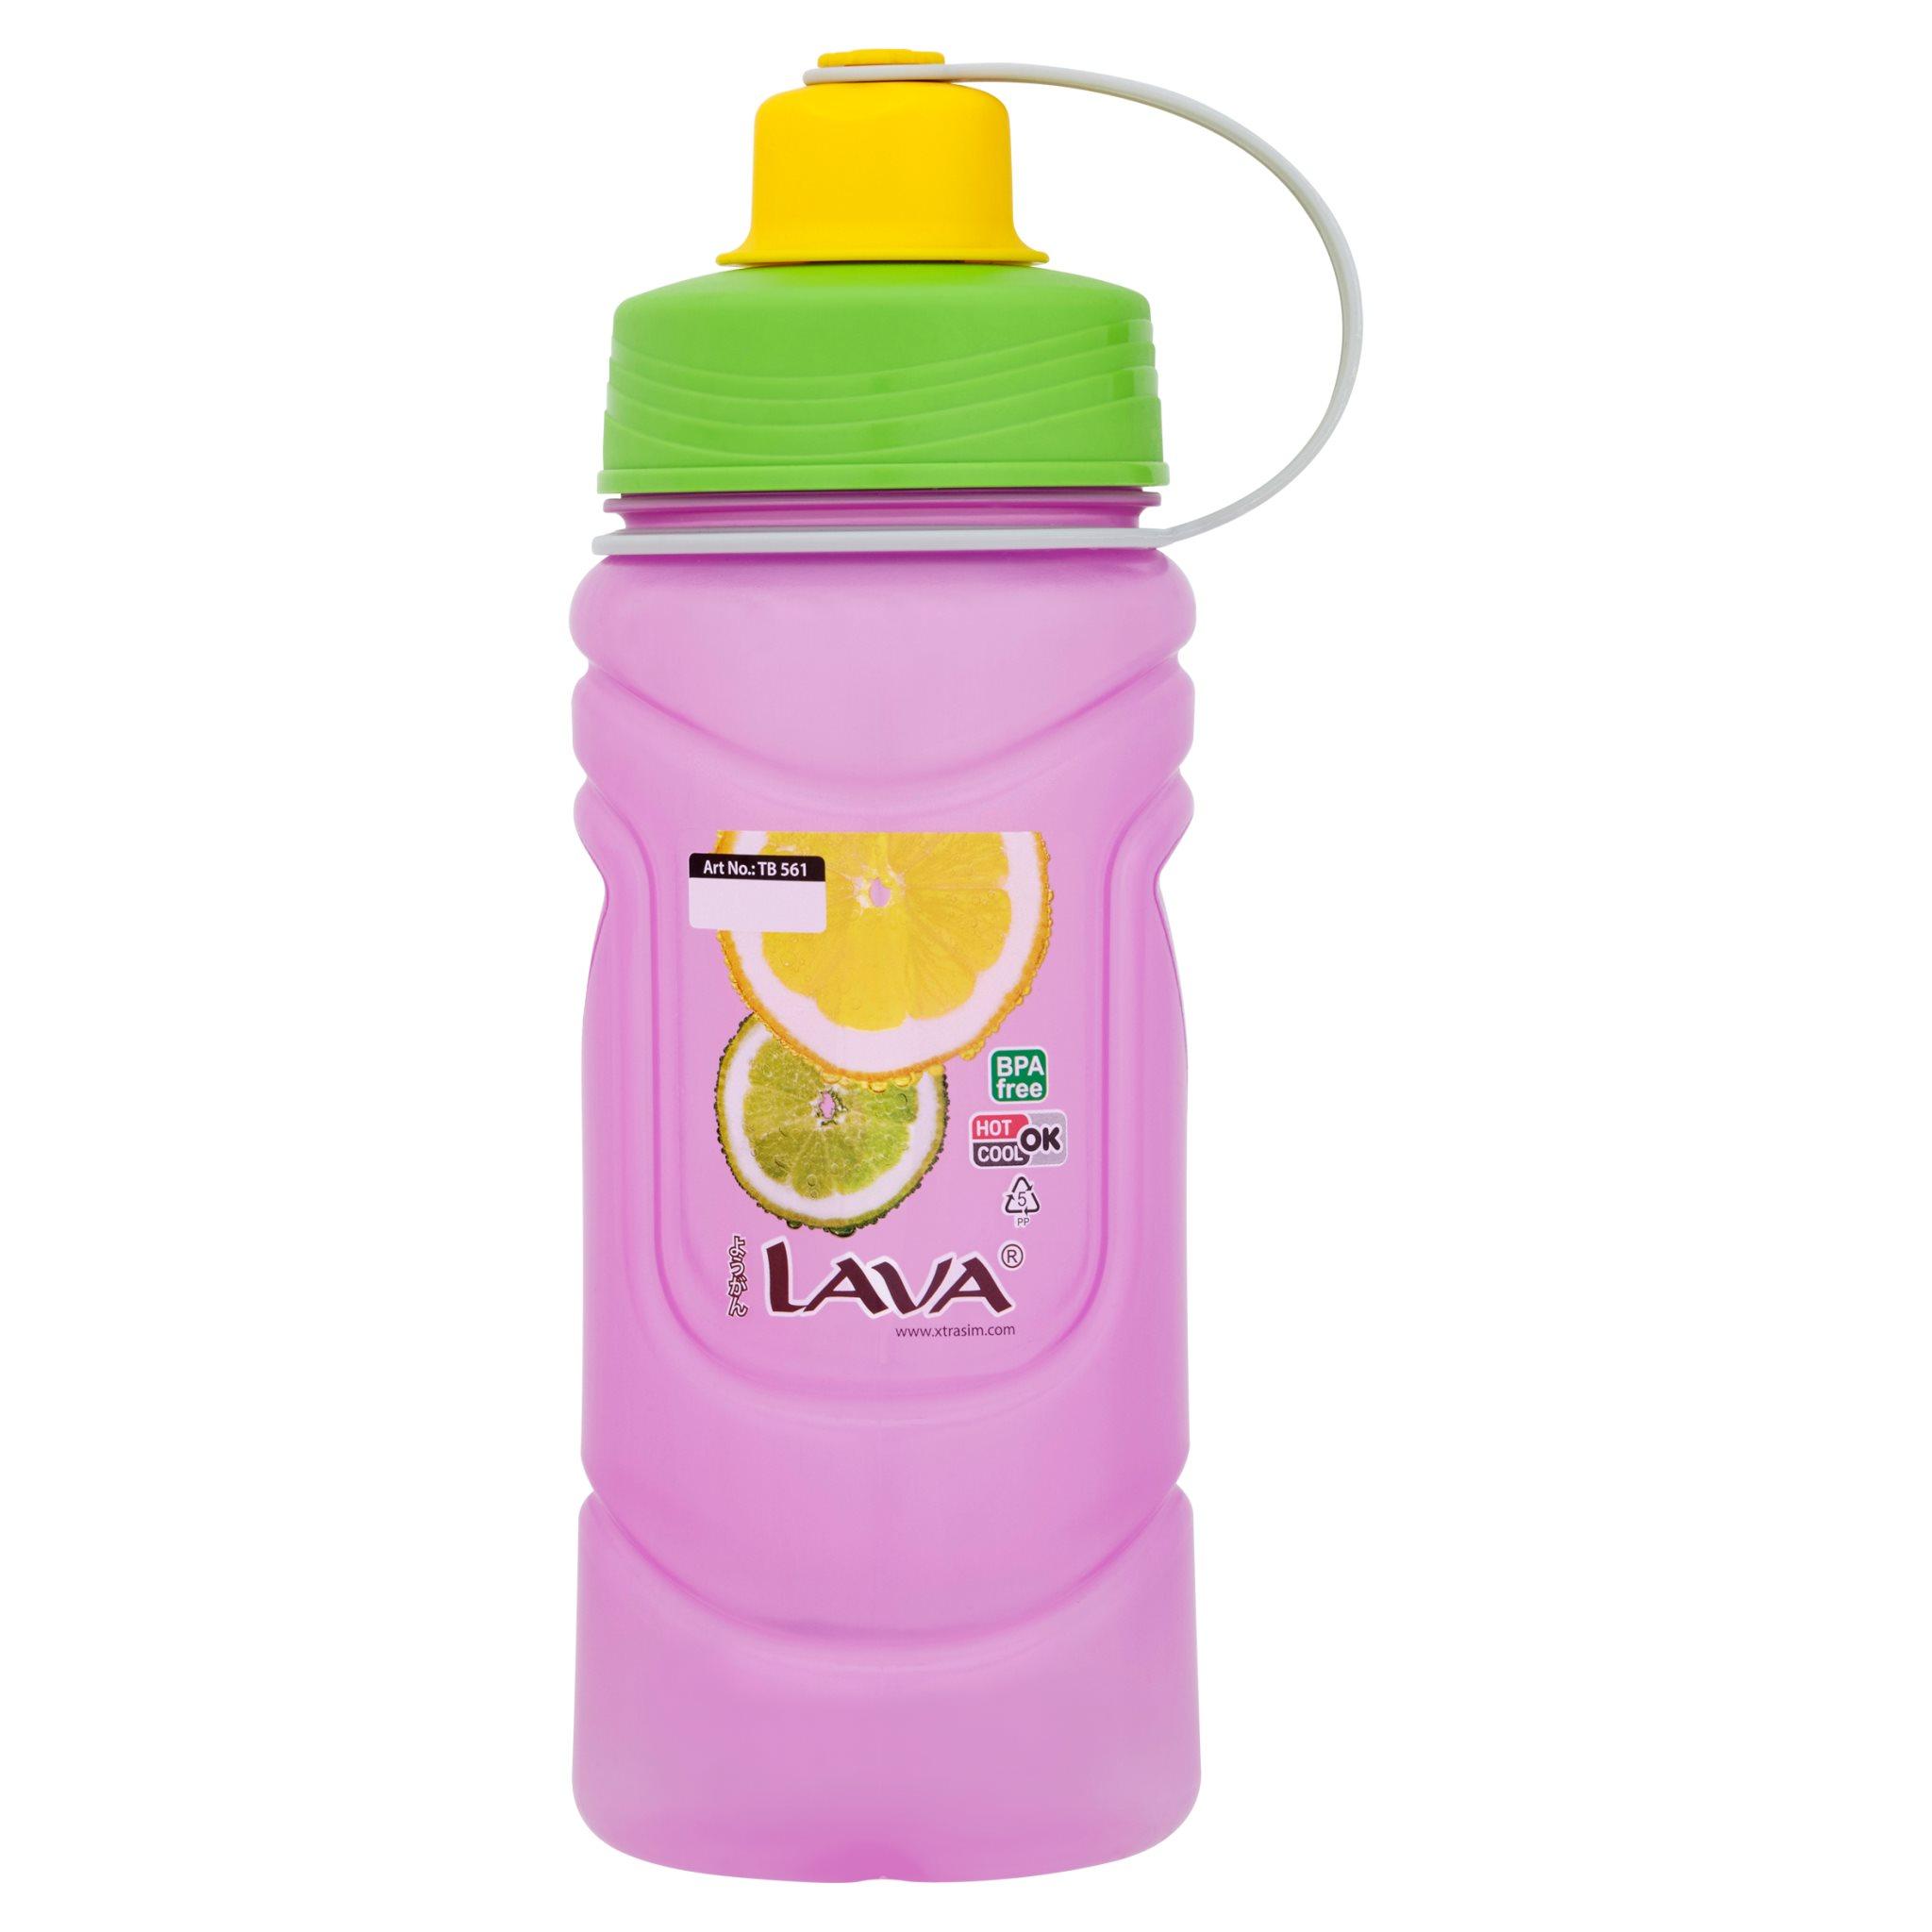 Lava Water Tumbler 1L TB561